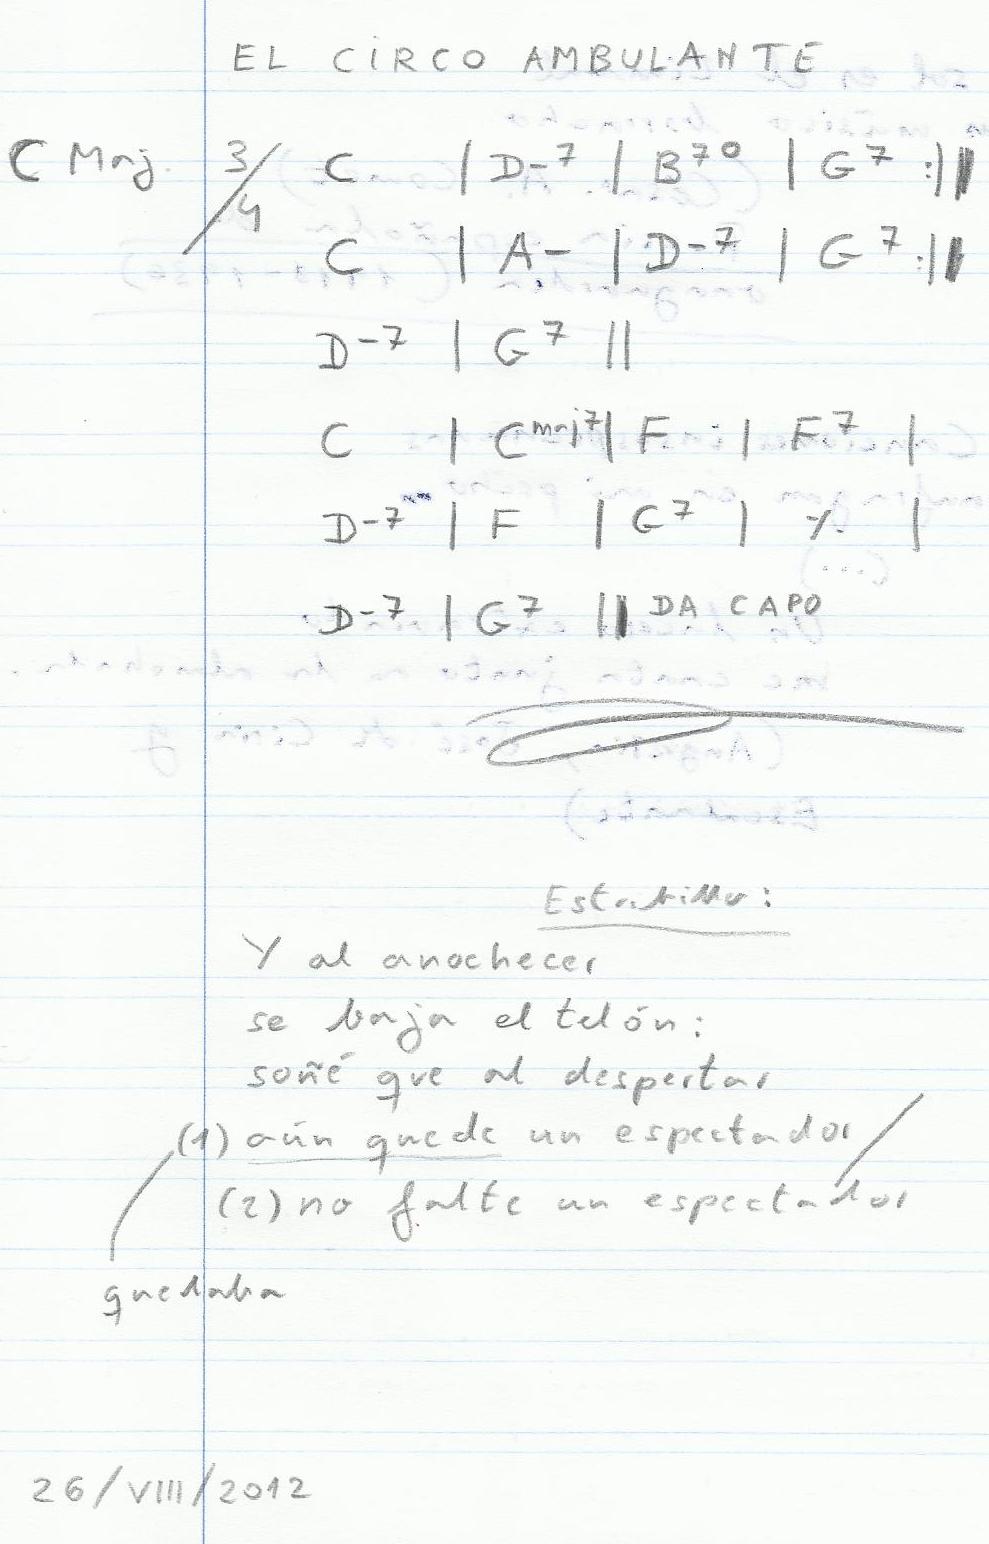 Taburete Letra Ella